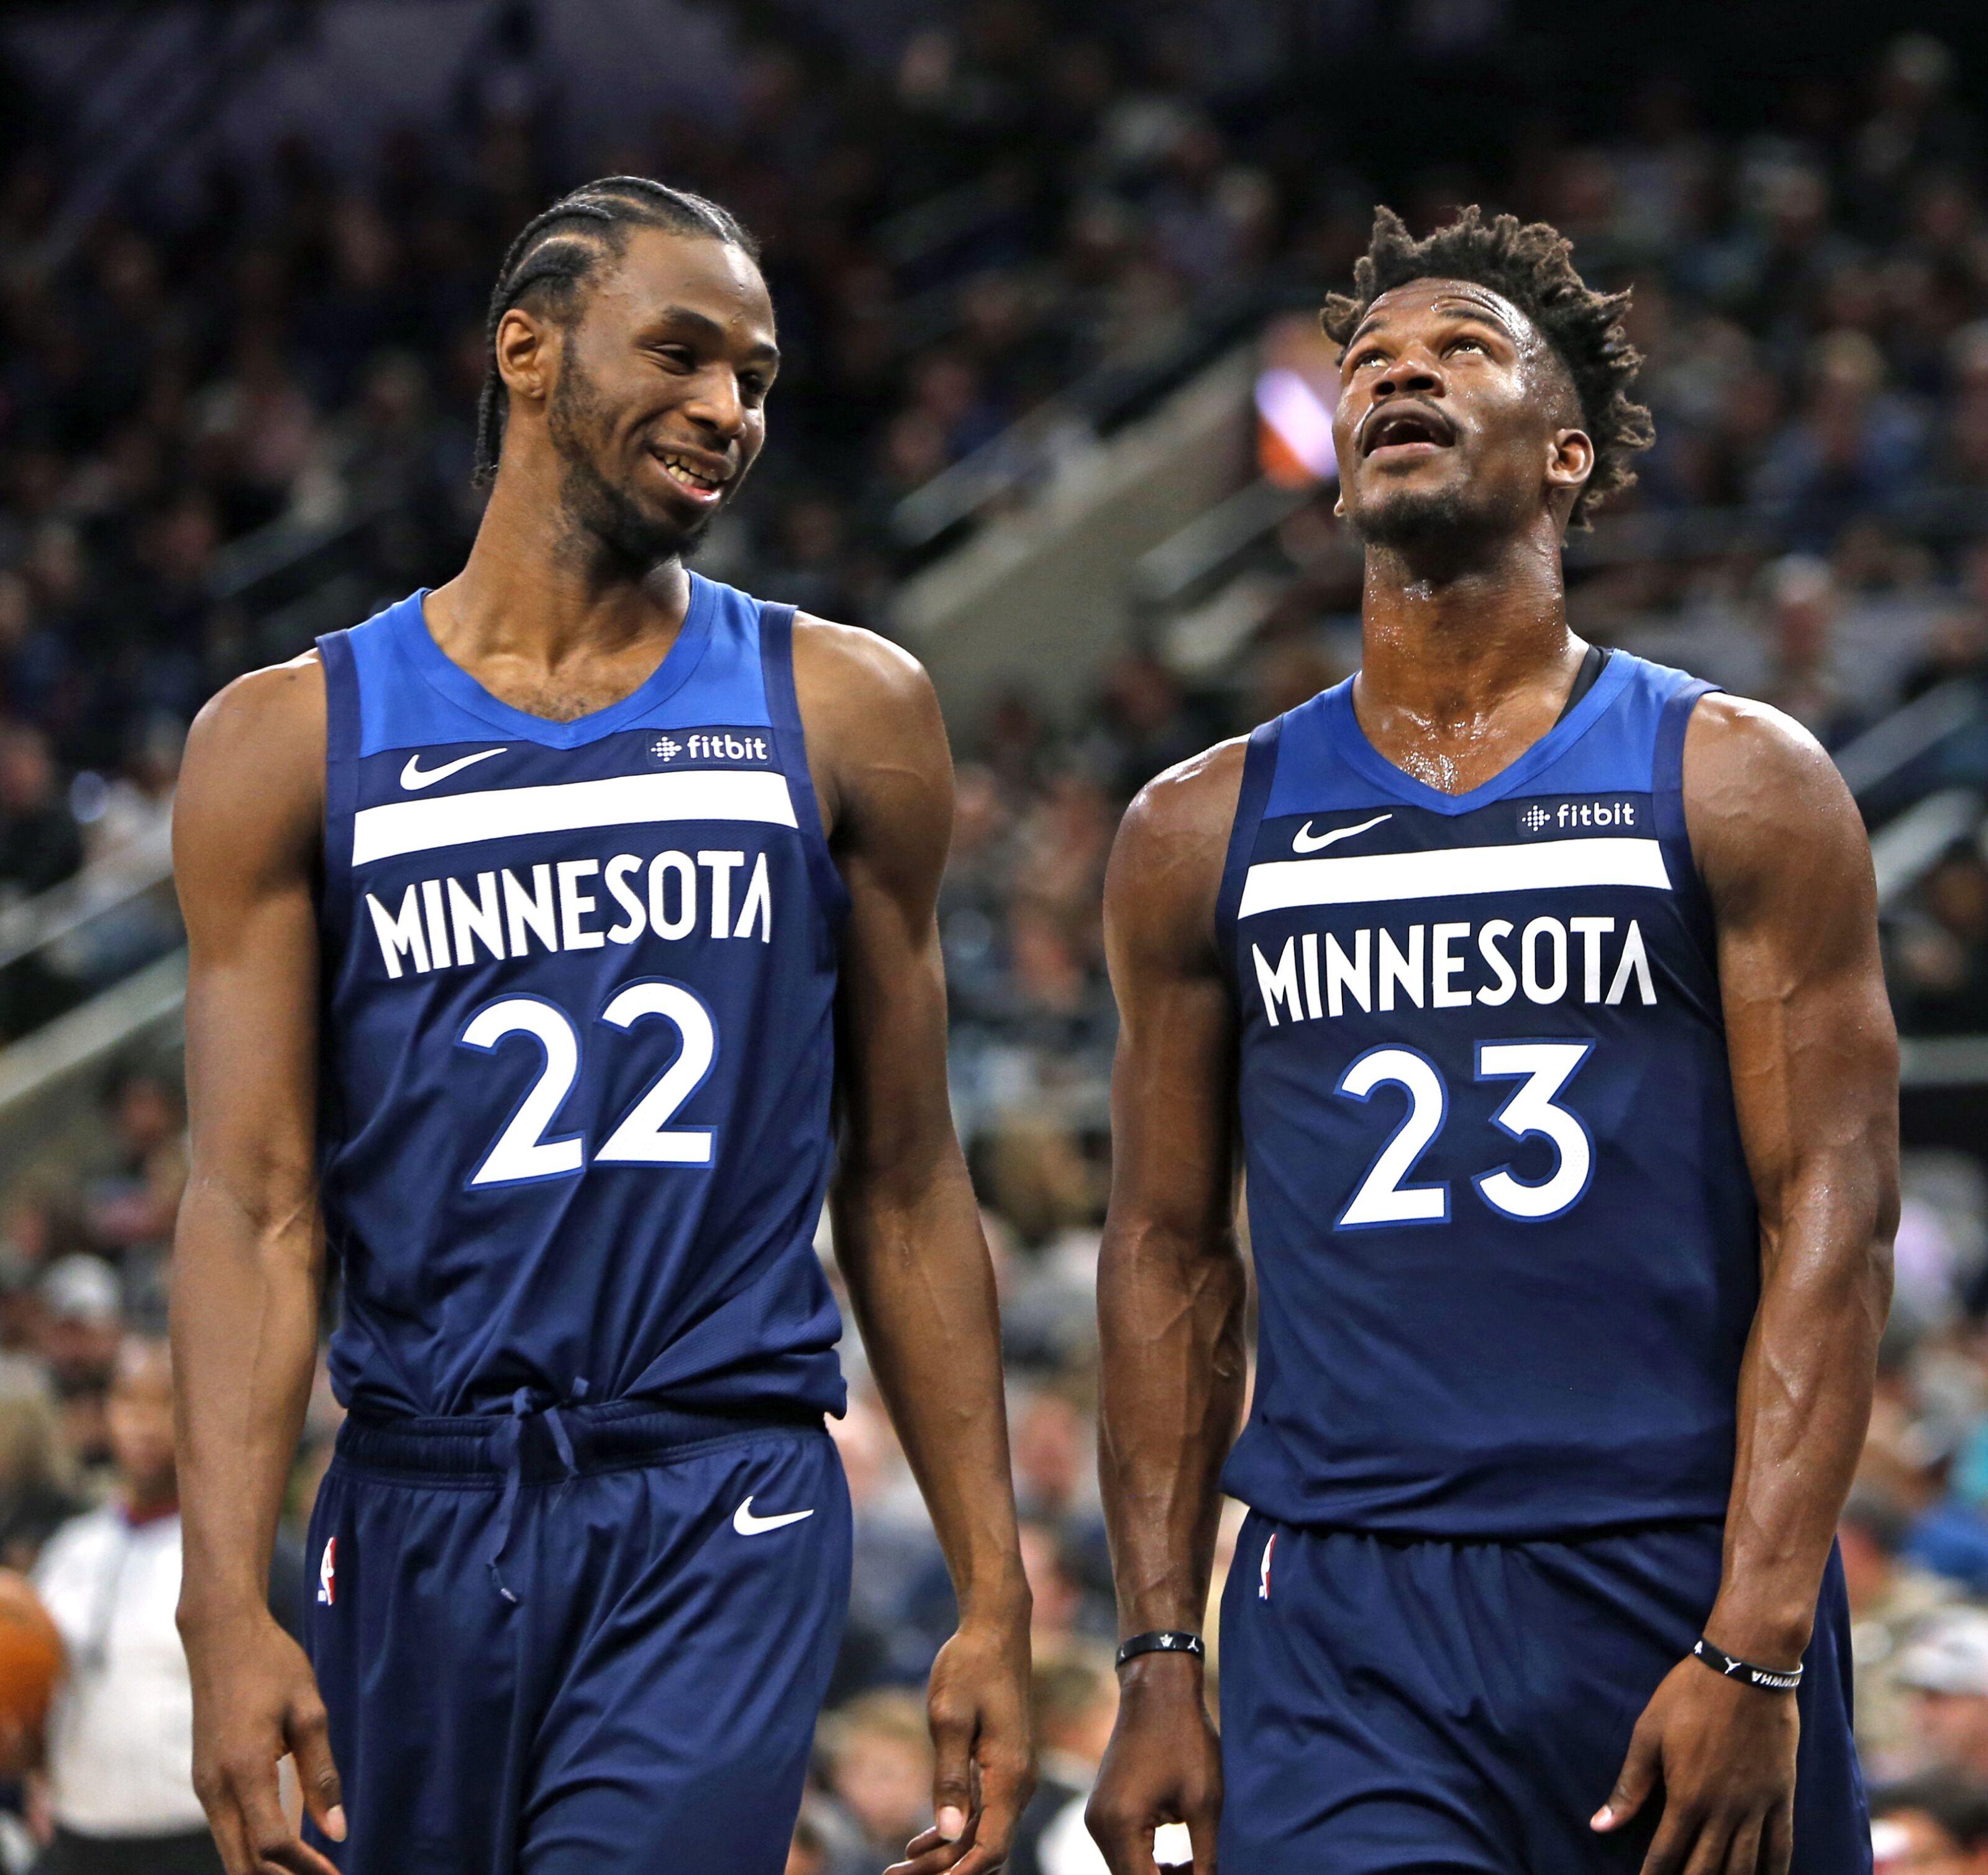 Rockets Vs Warriors 2018 19: Minnesota Timberwolves: 3 Takeaways From 2018-19 Season Opener